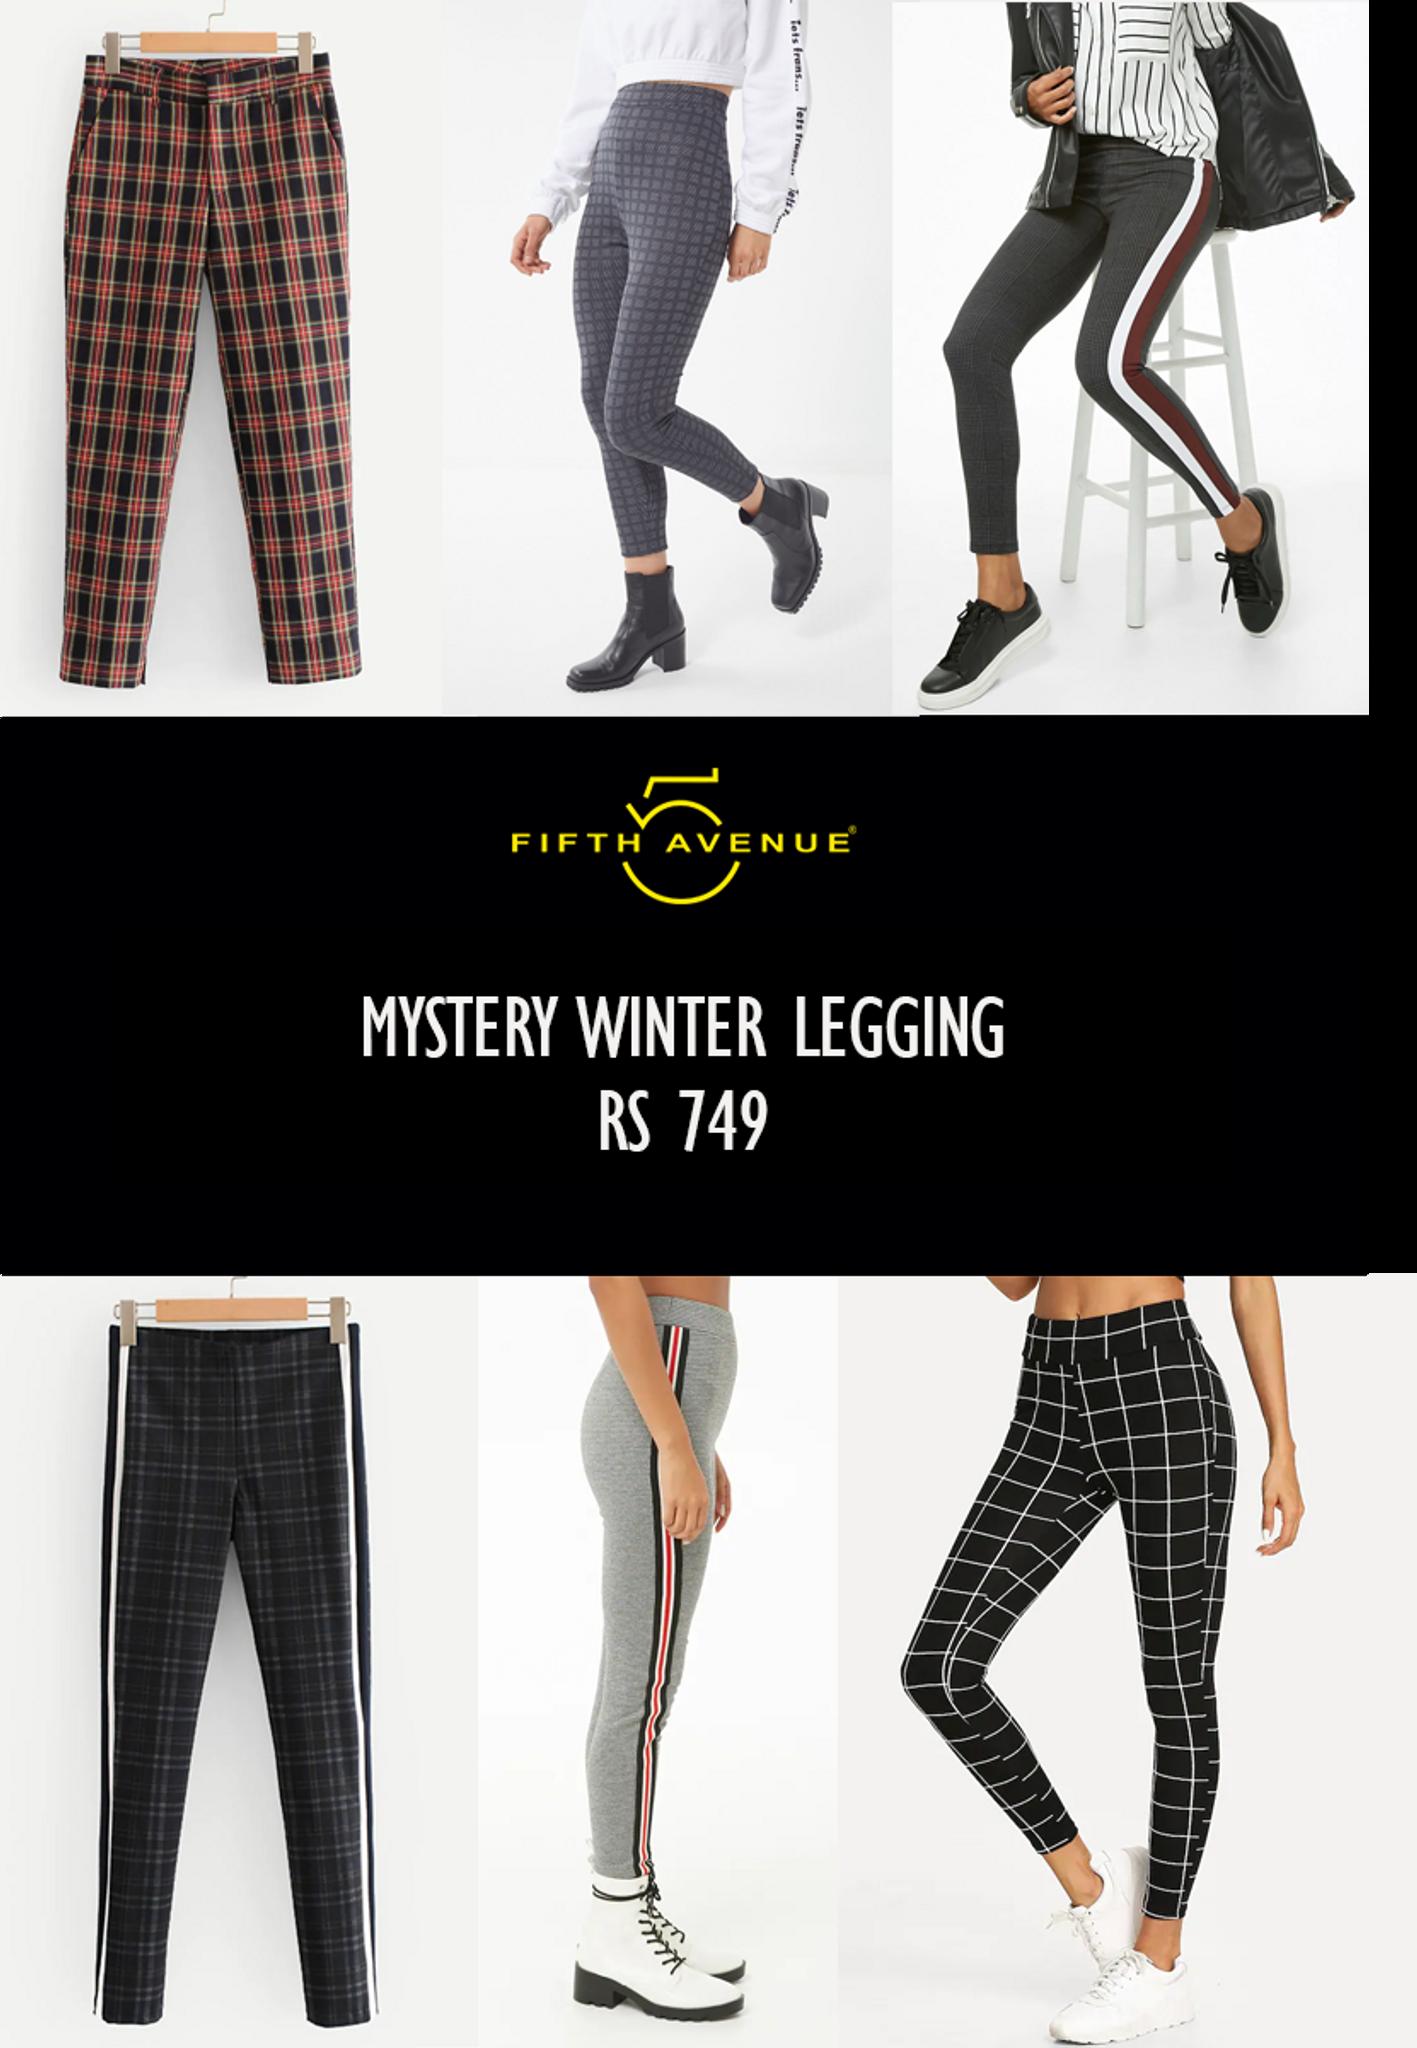 Fifth Avenue Women's Mystery Mania 11 11 Deal - Mystery Winter Leggings